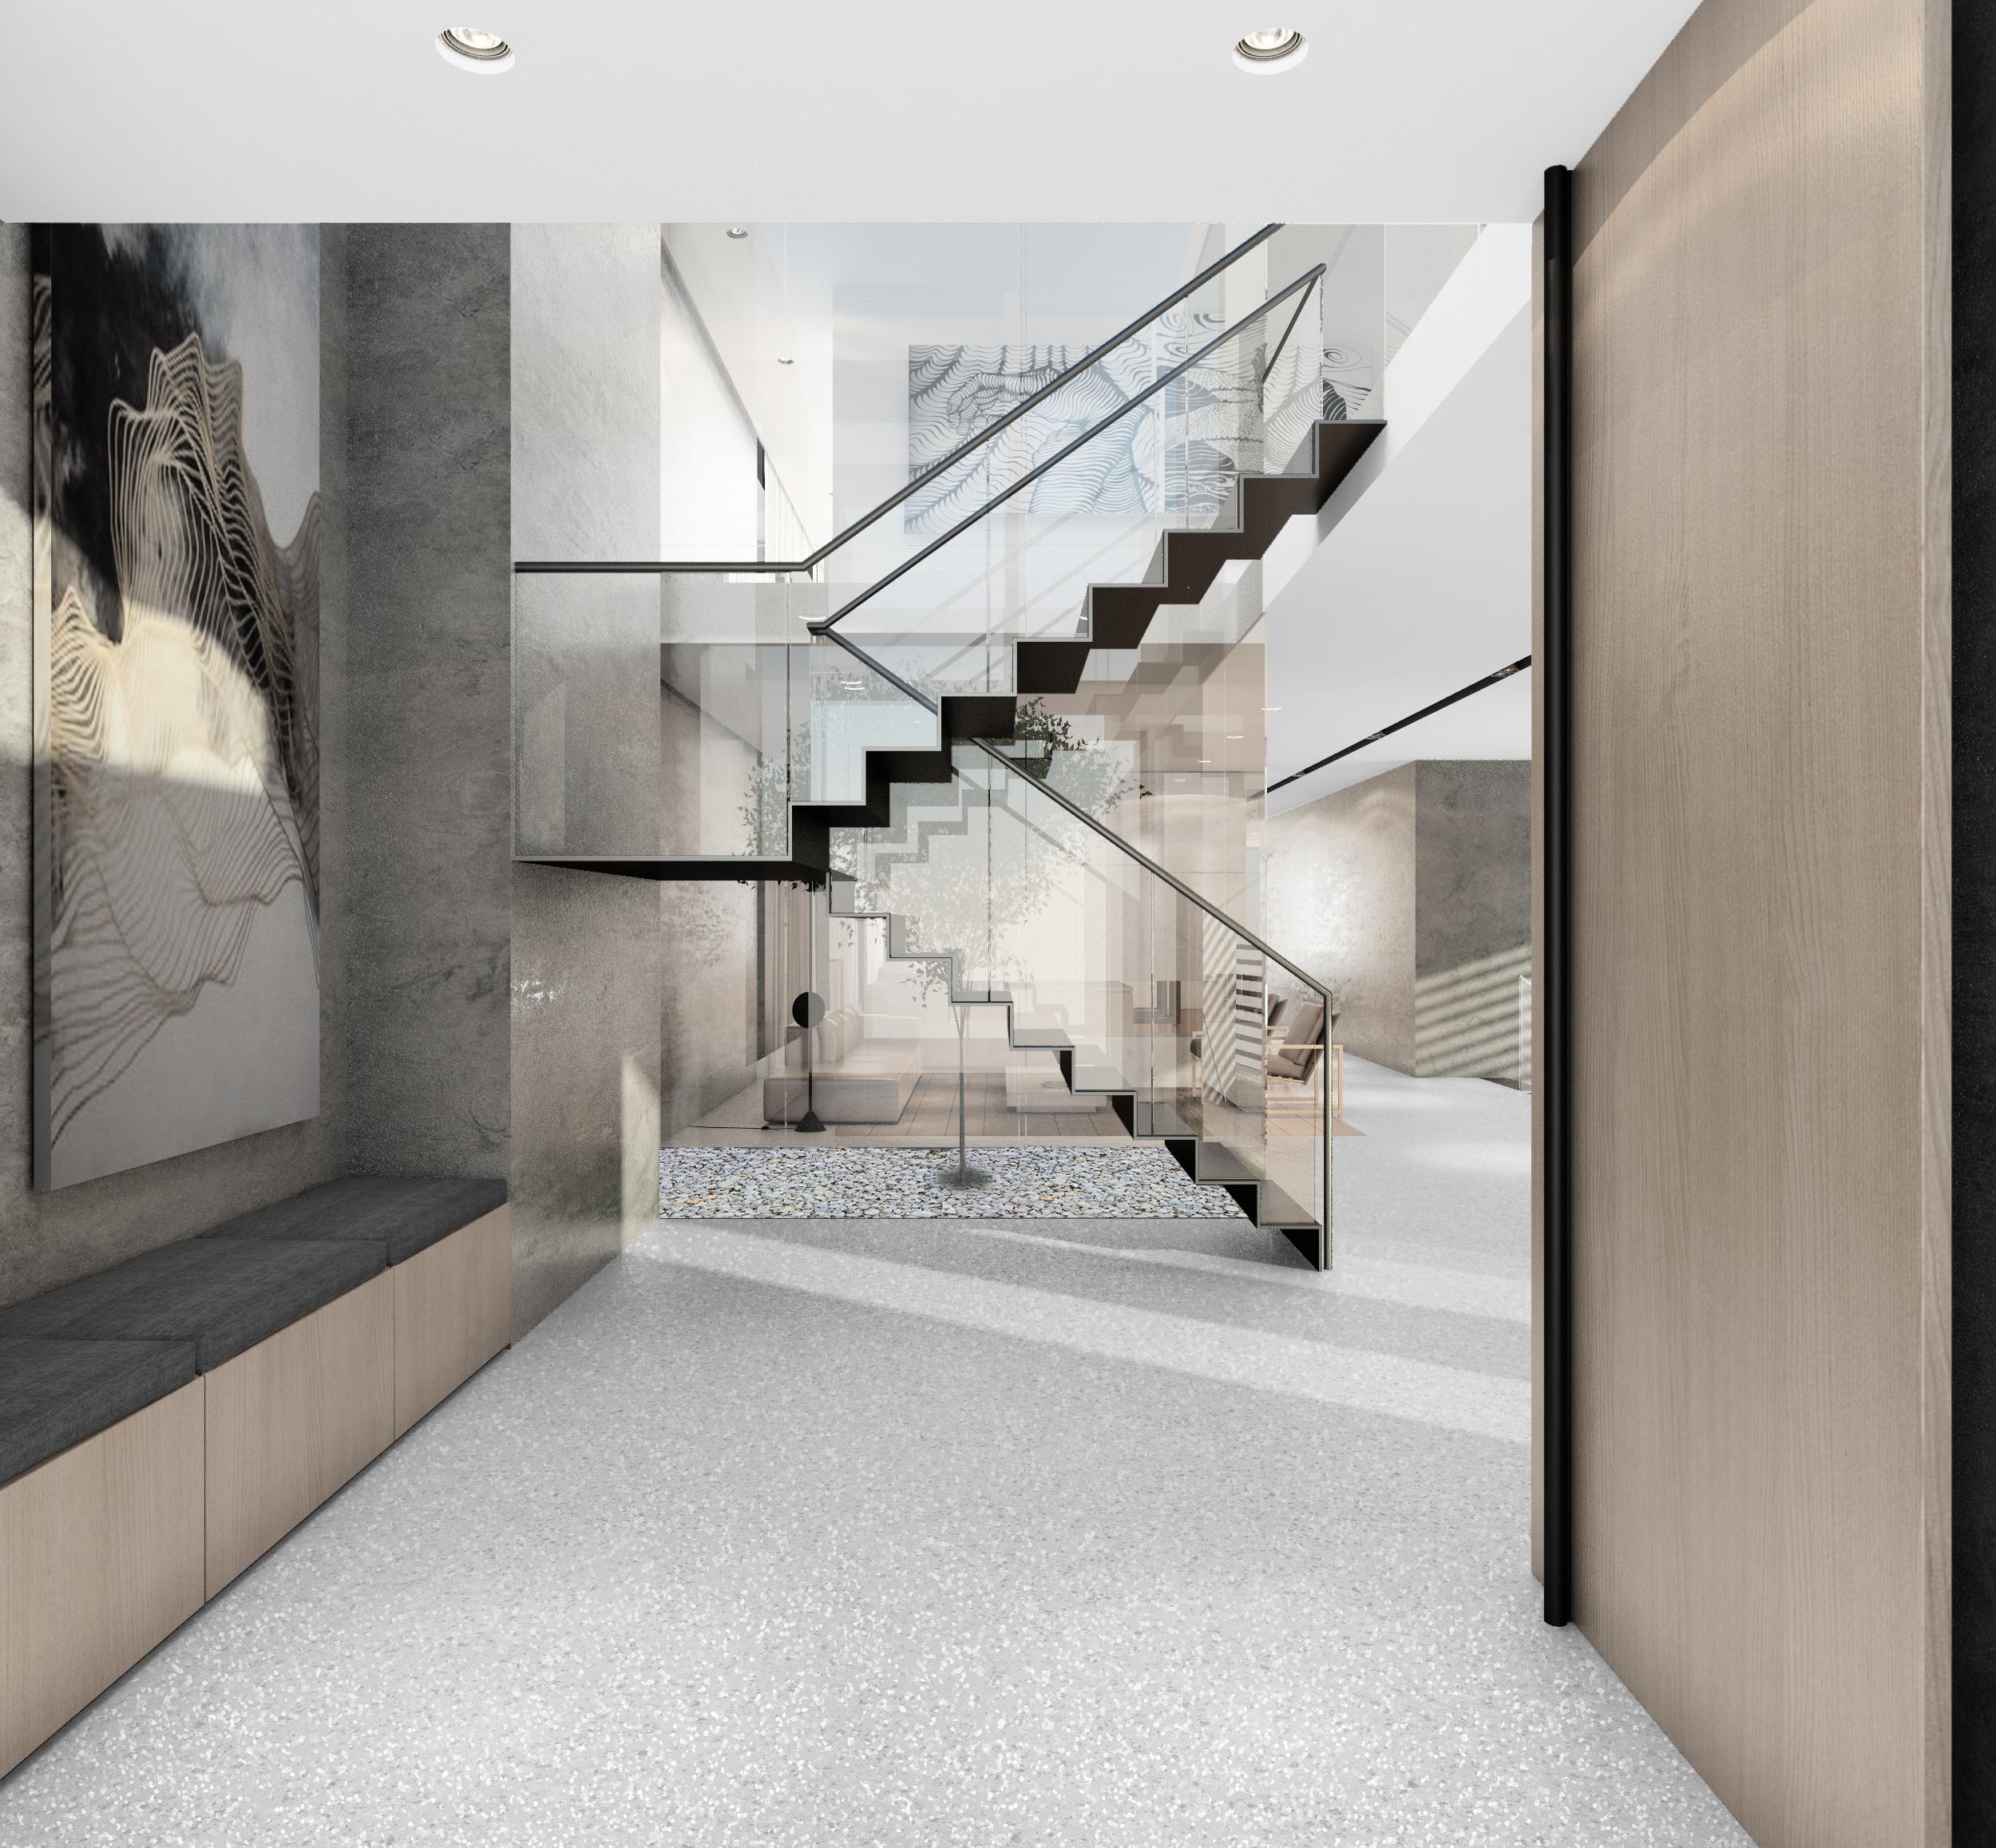 Aberfeldie Residence - Interior Design (Under Construction)